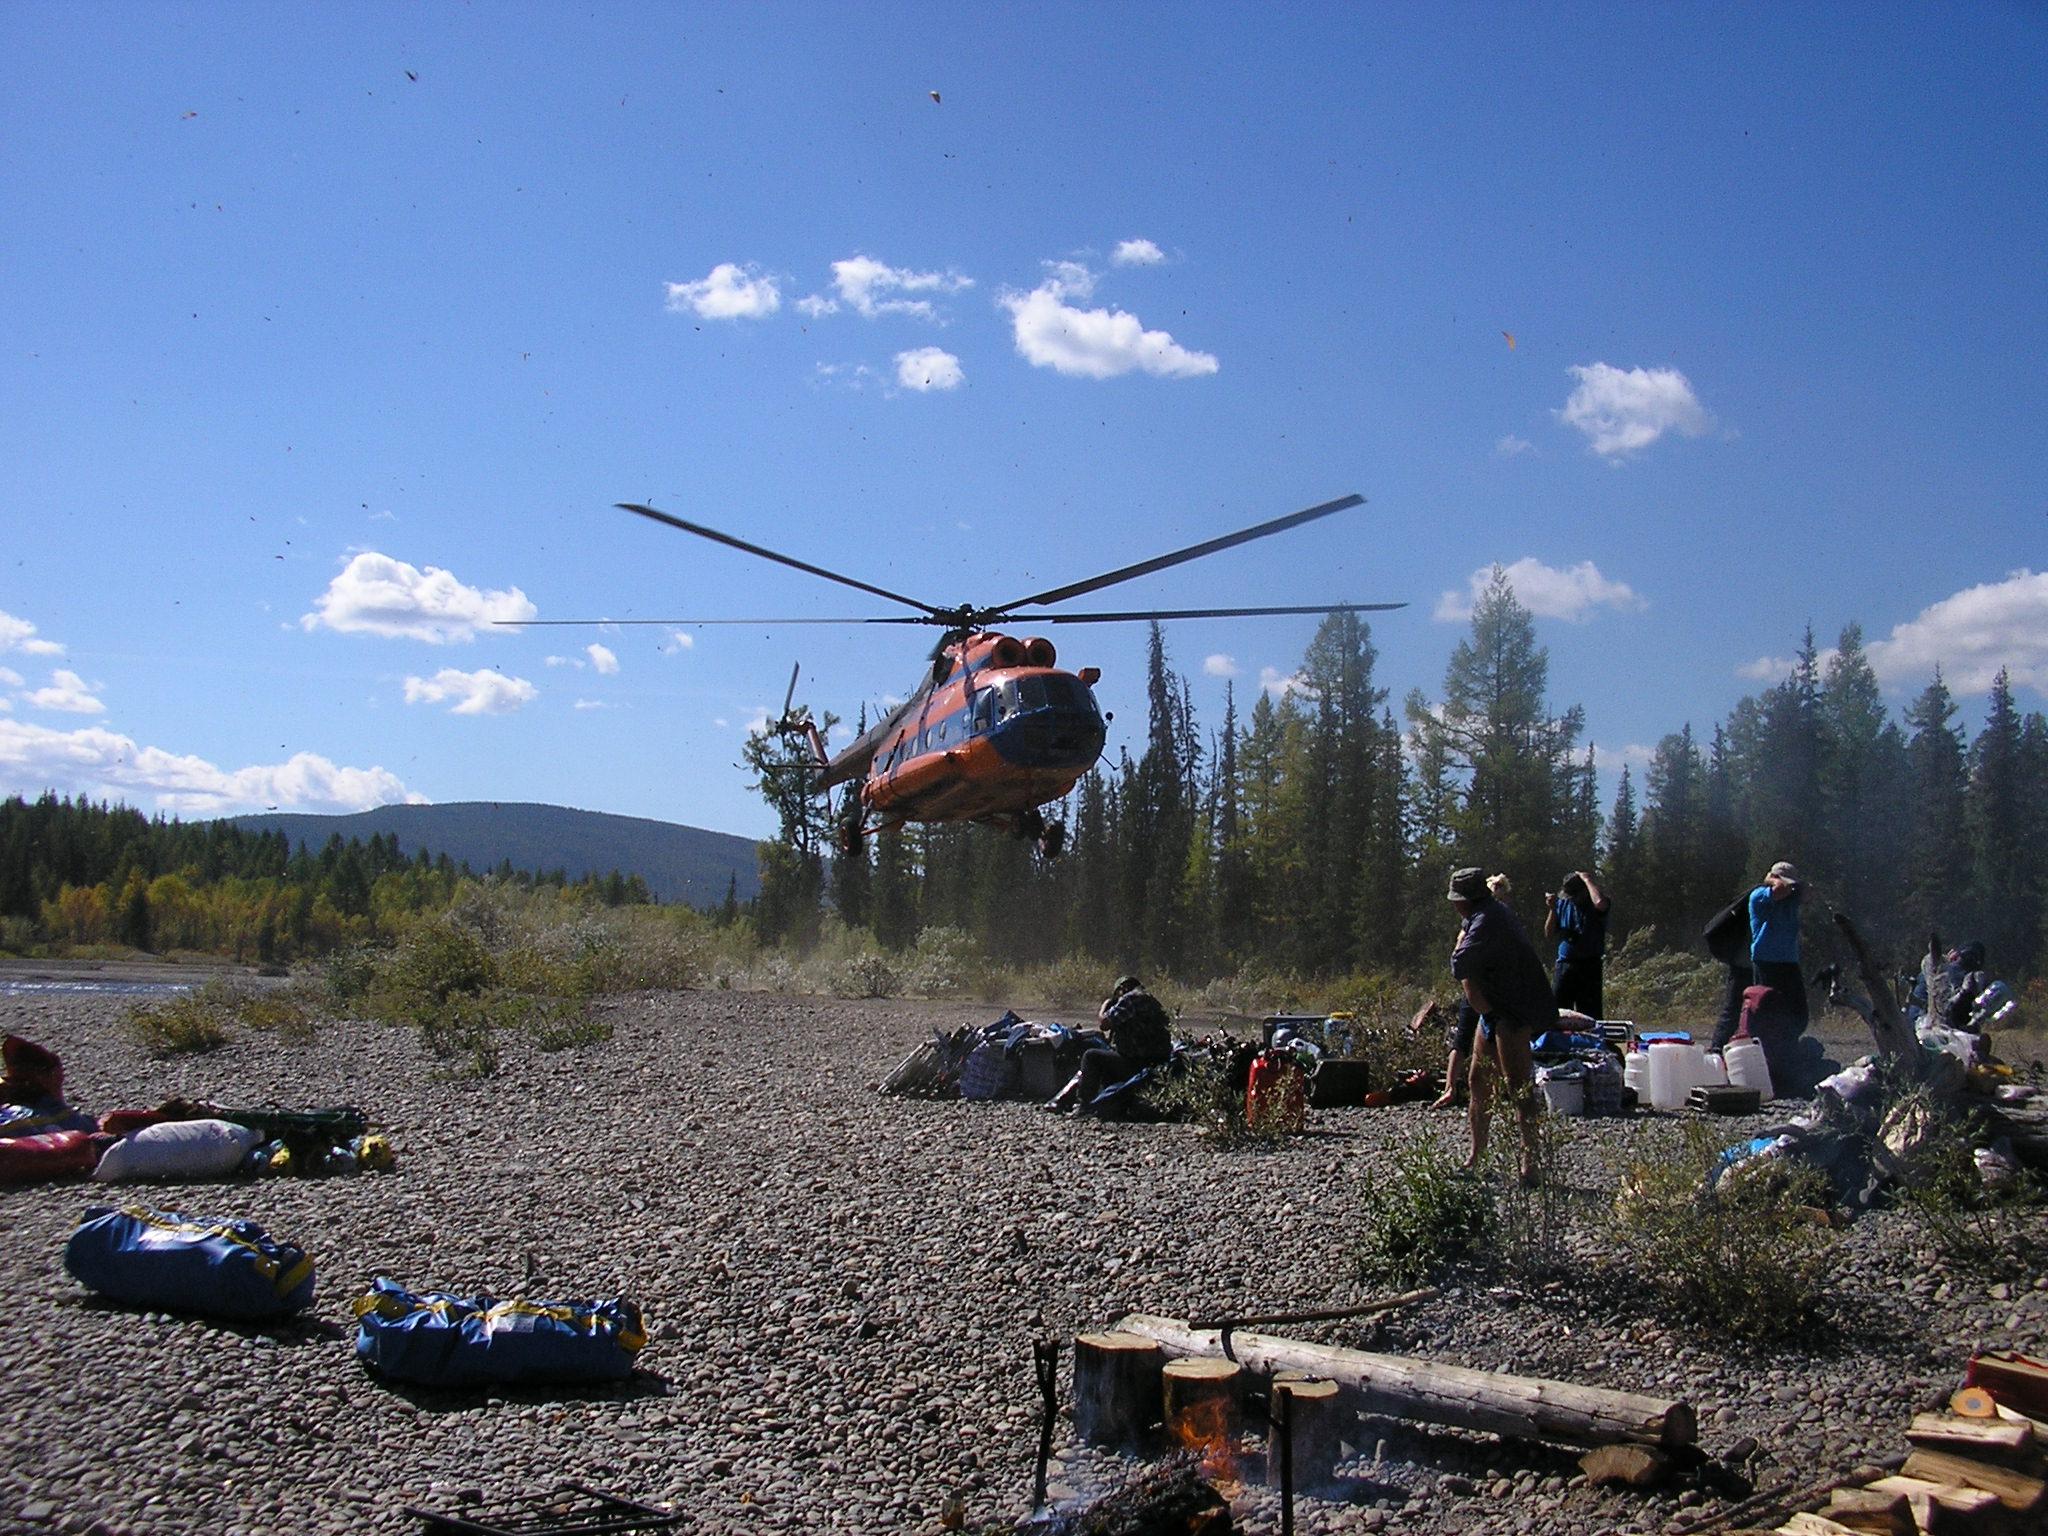 заброска на вертолете на рыбалку